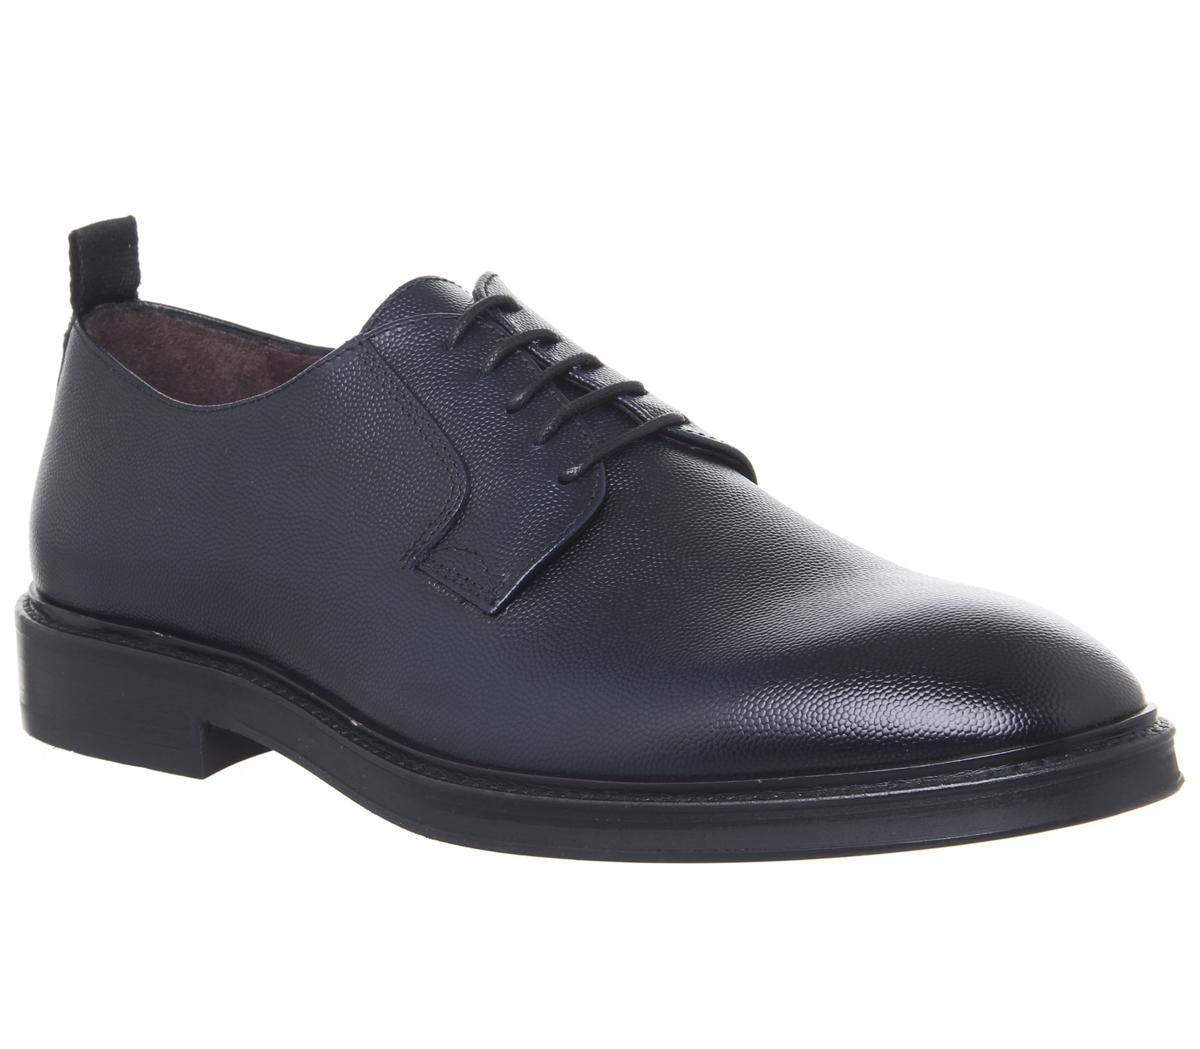 Idris Derby Shoes